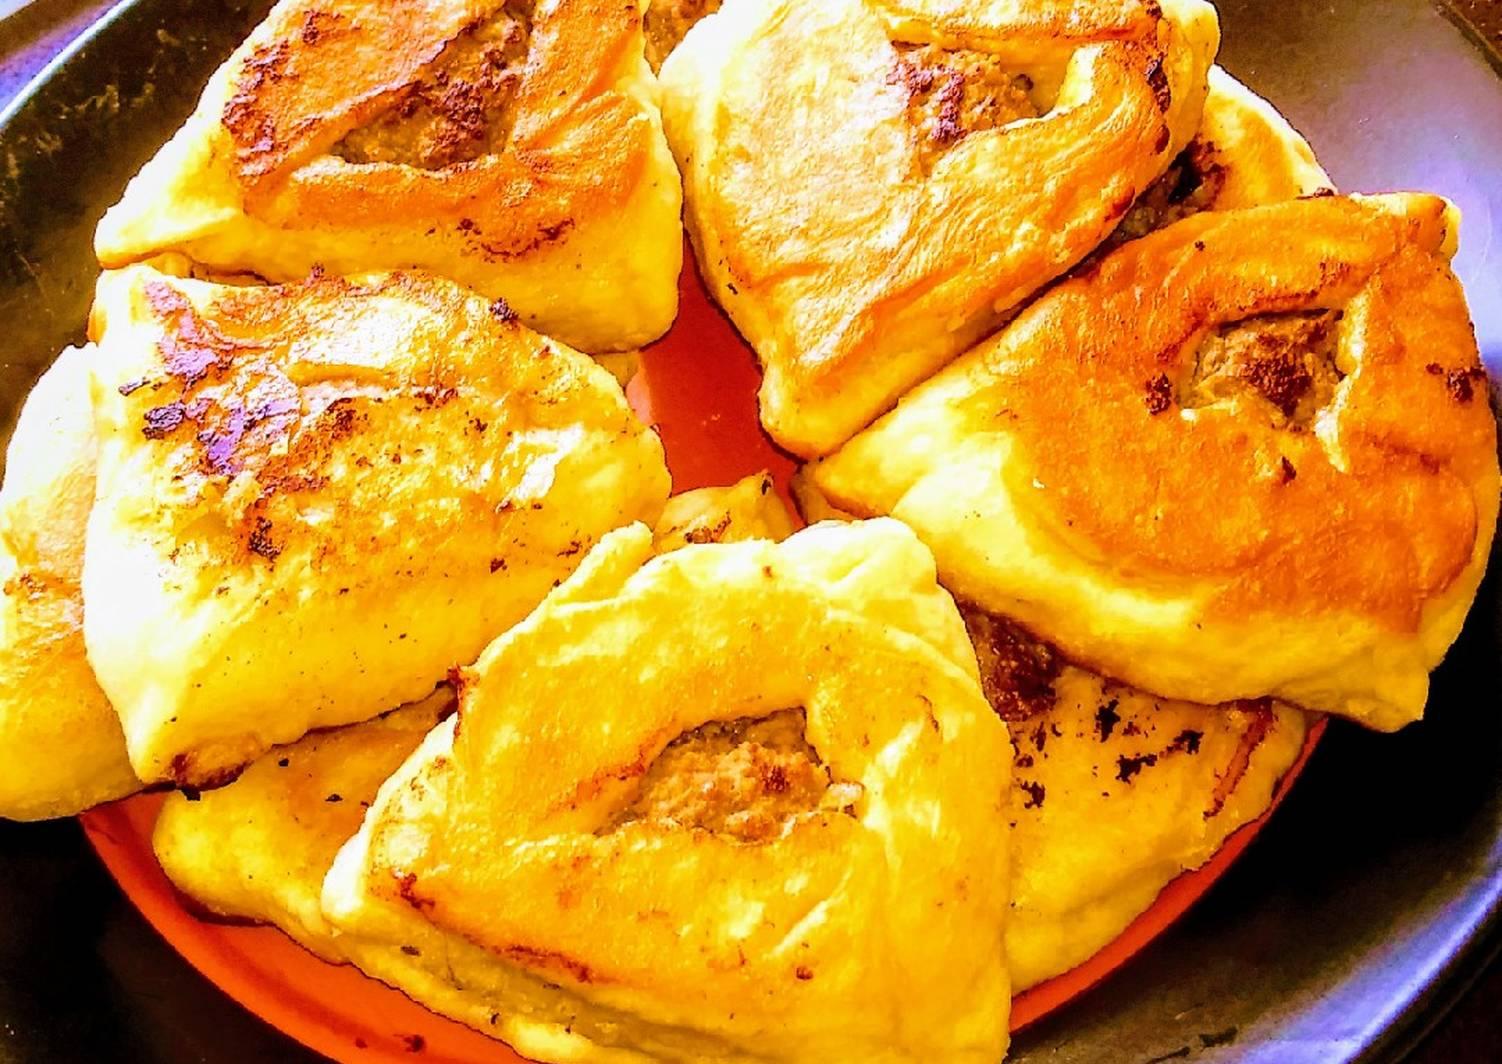 беляш татарское блюдо рецепт с фото пошагово пассажиры